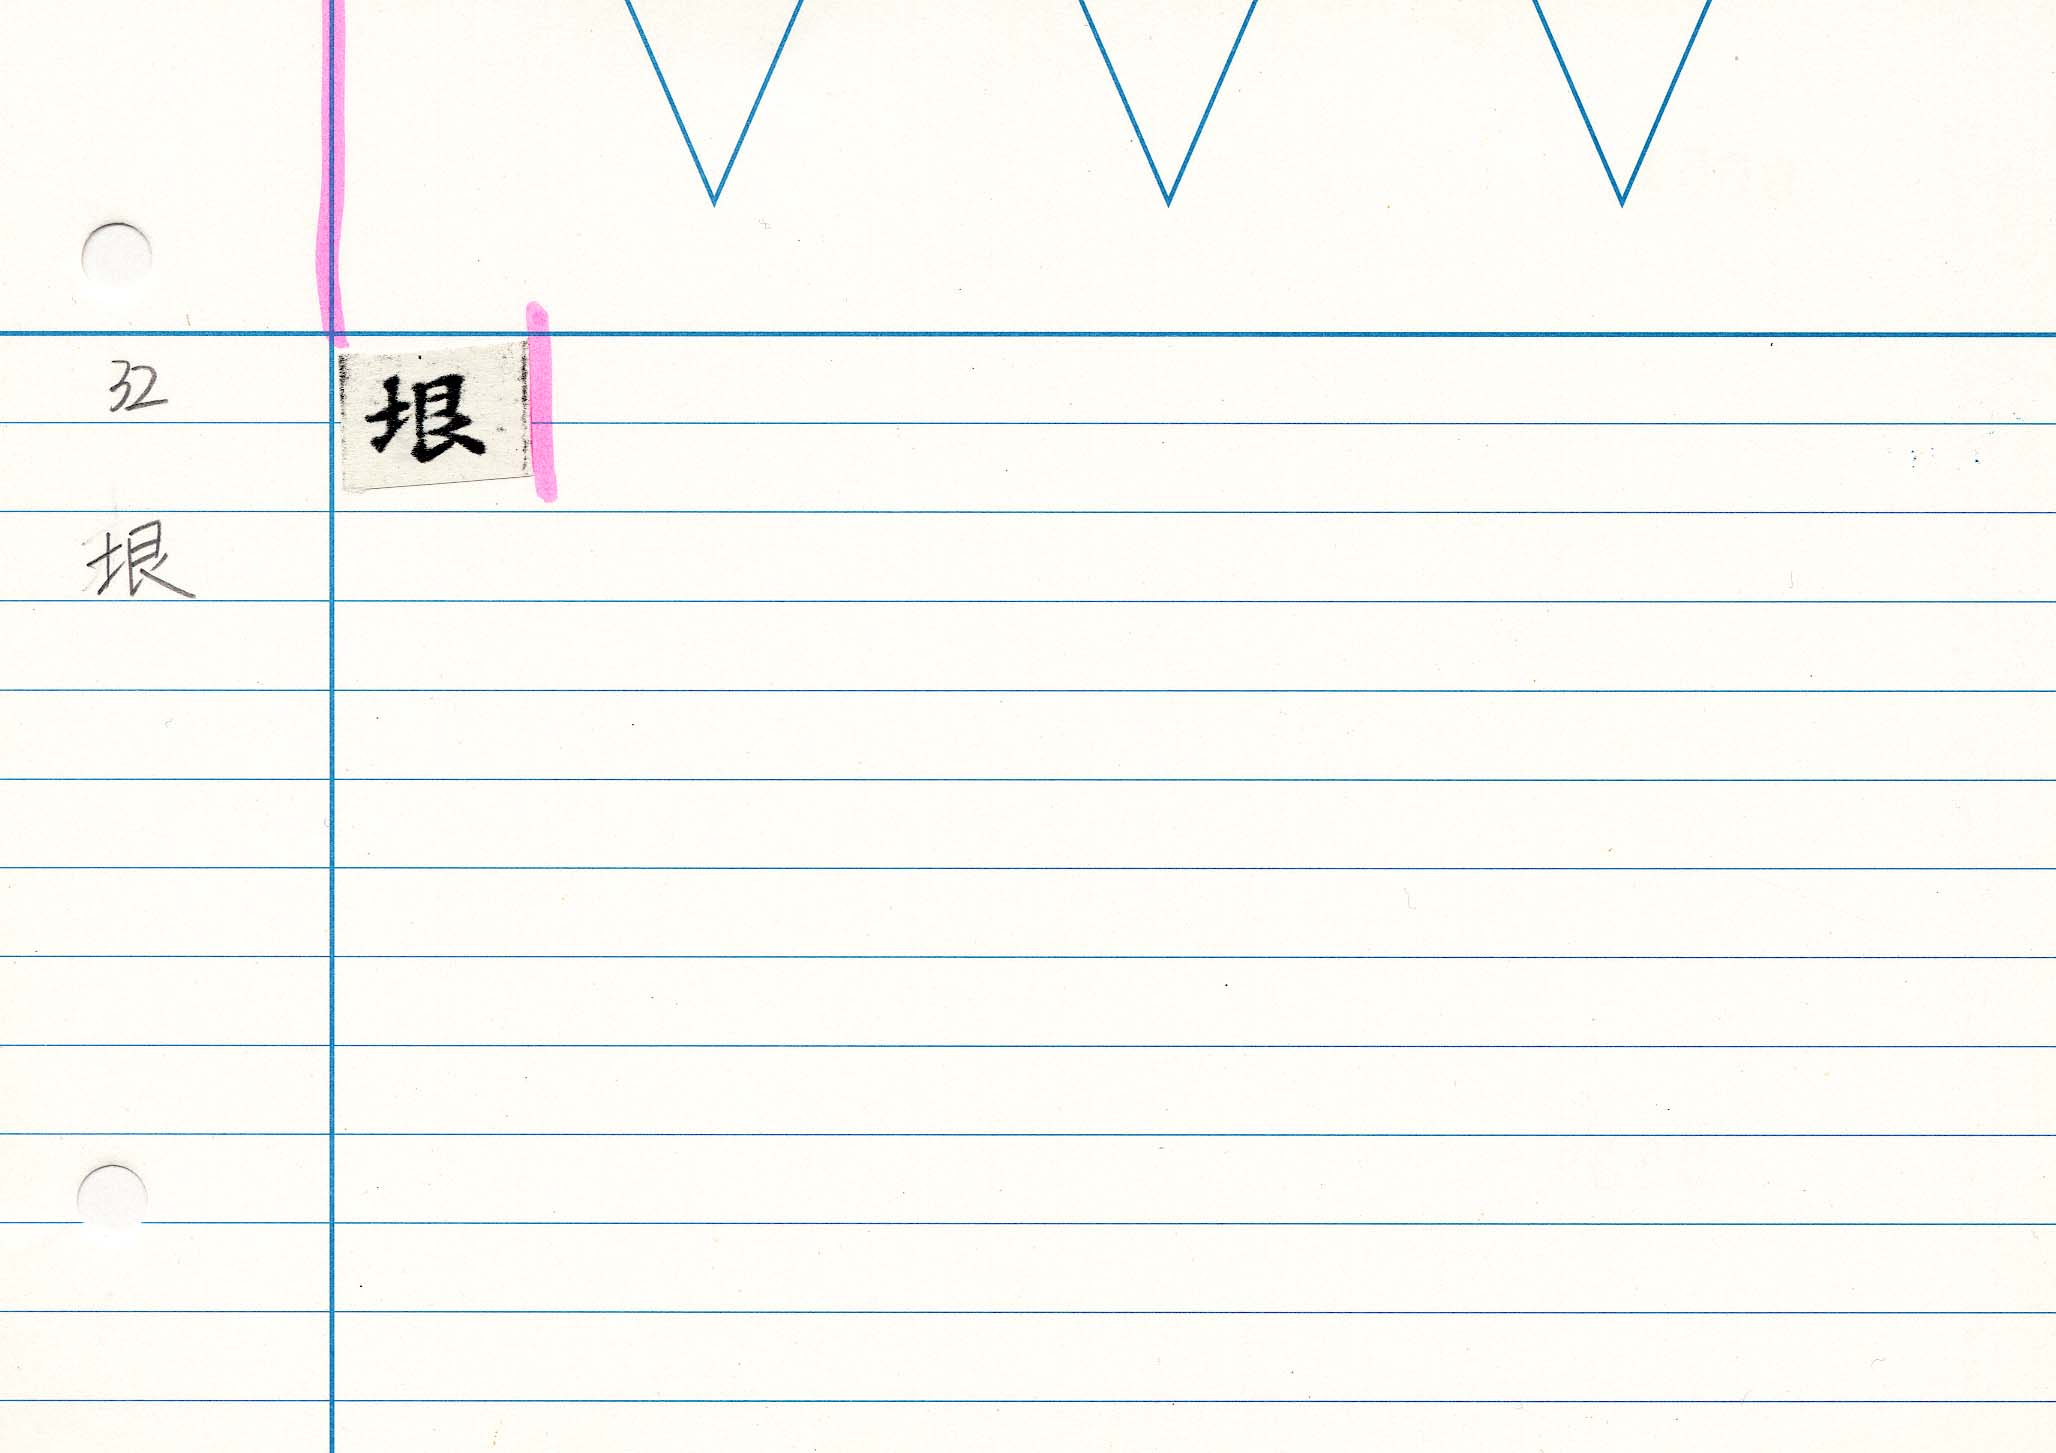 60_佛説大教王經卷一(東禪寺版日本寫本)/cards/0051.jpg